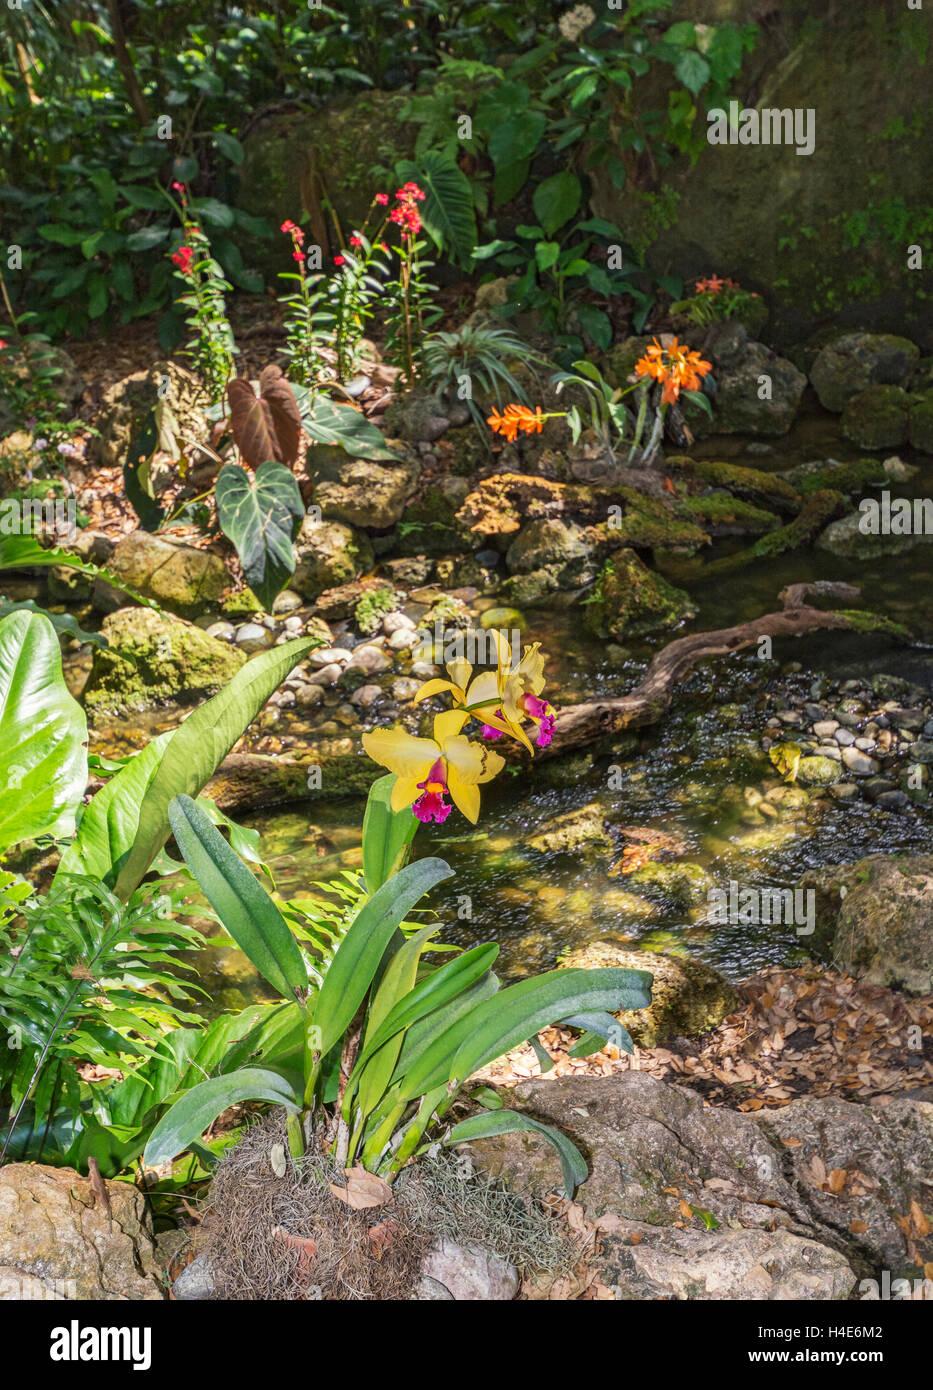 Orchid Garden Florida Stock Photos & Orchid Garden Florida Stock ...